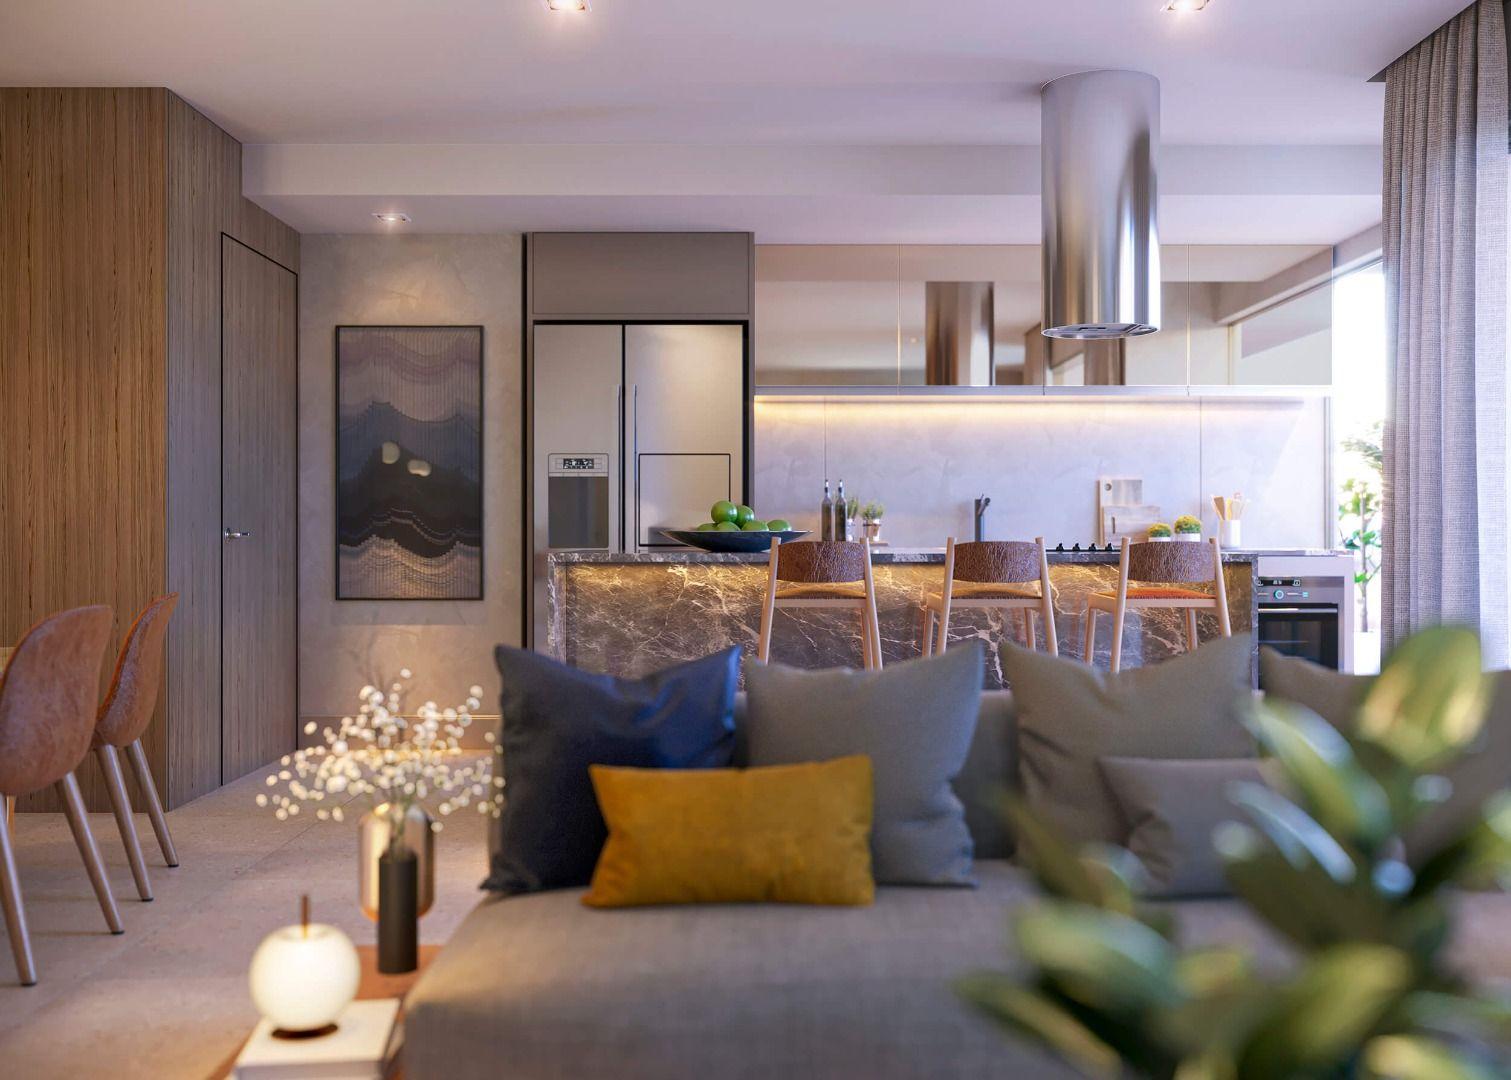 SALA conectada à cozinha aberta, garantindo amplitude aos ambientes. Essa configuração permite a instalação de uma ilha com cooktop e espaço para refeições com banquetas.